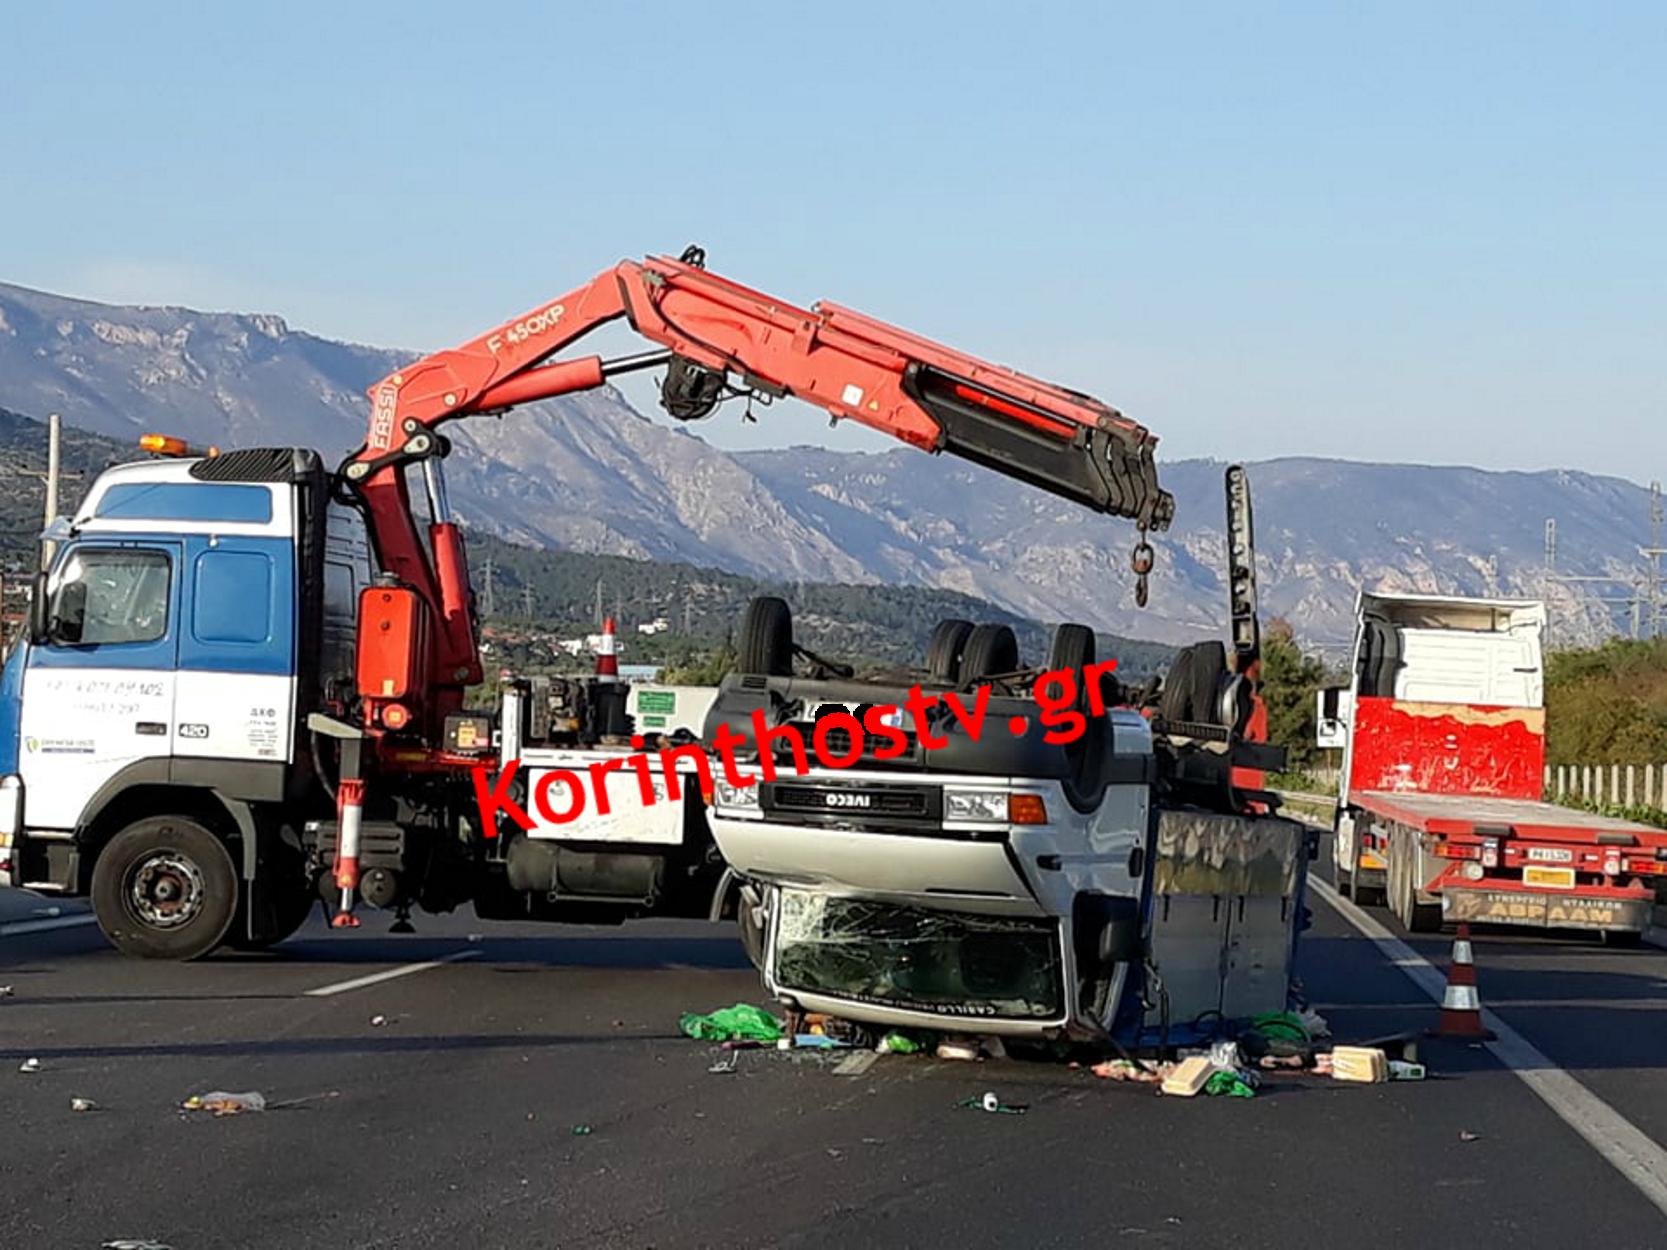 Πλάνα από το σοκαριστικό τροχαίο στην Αθηνών – Κορίνθου (pics, video)